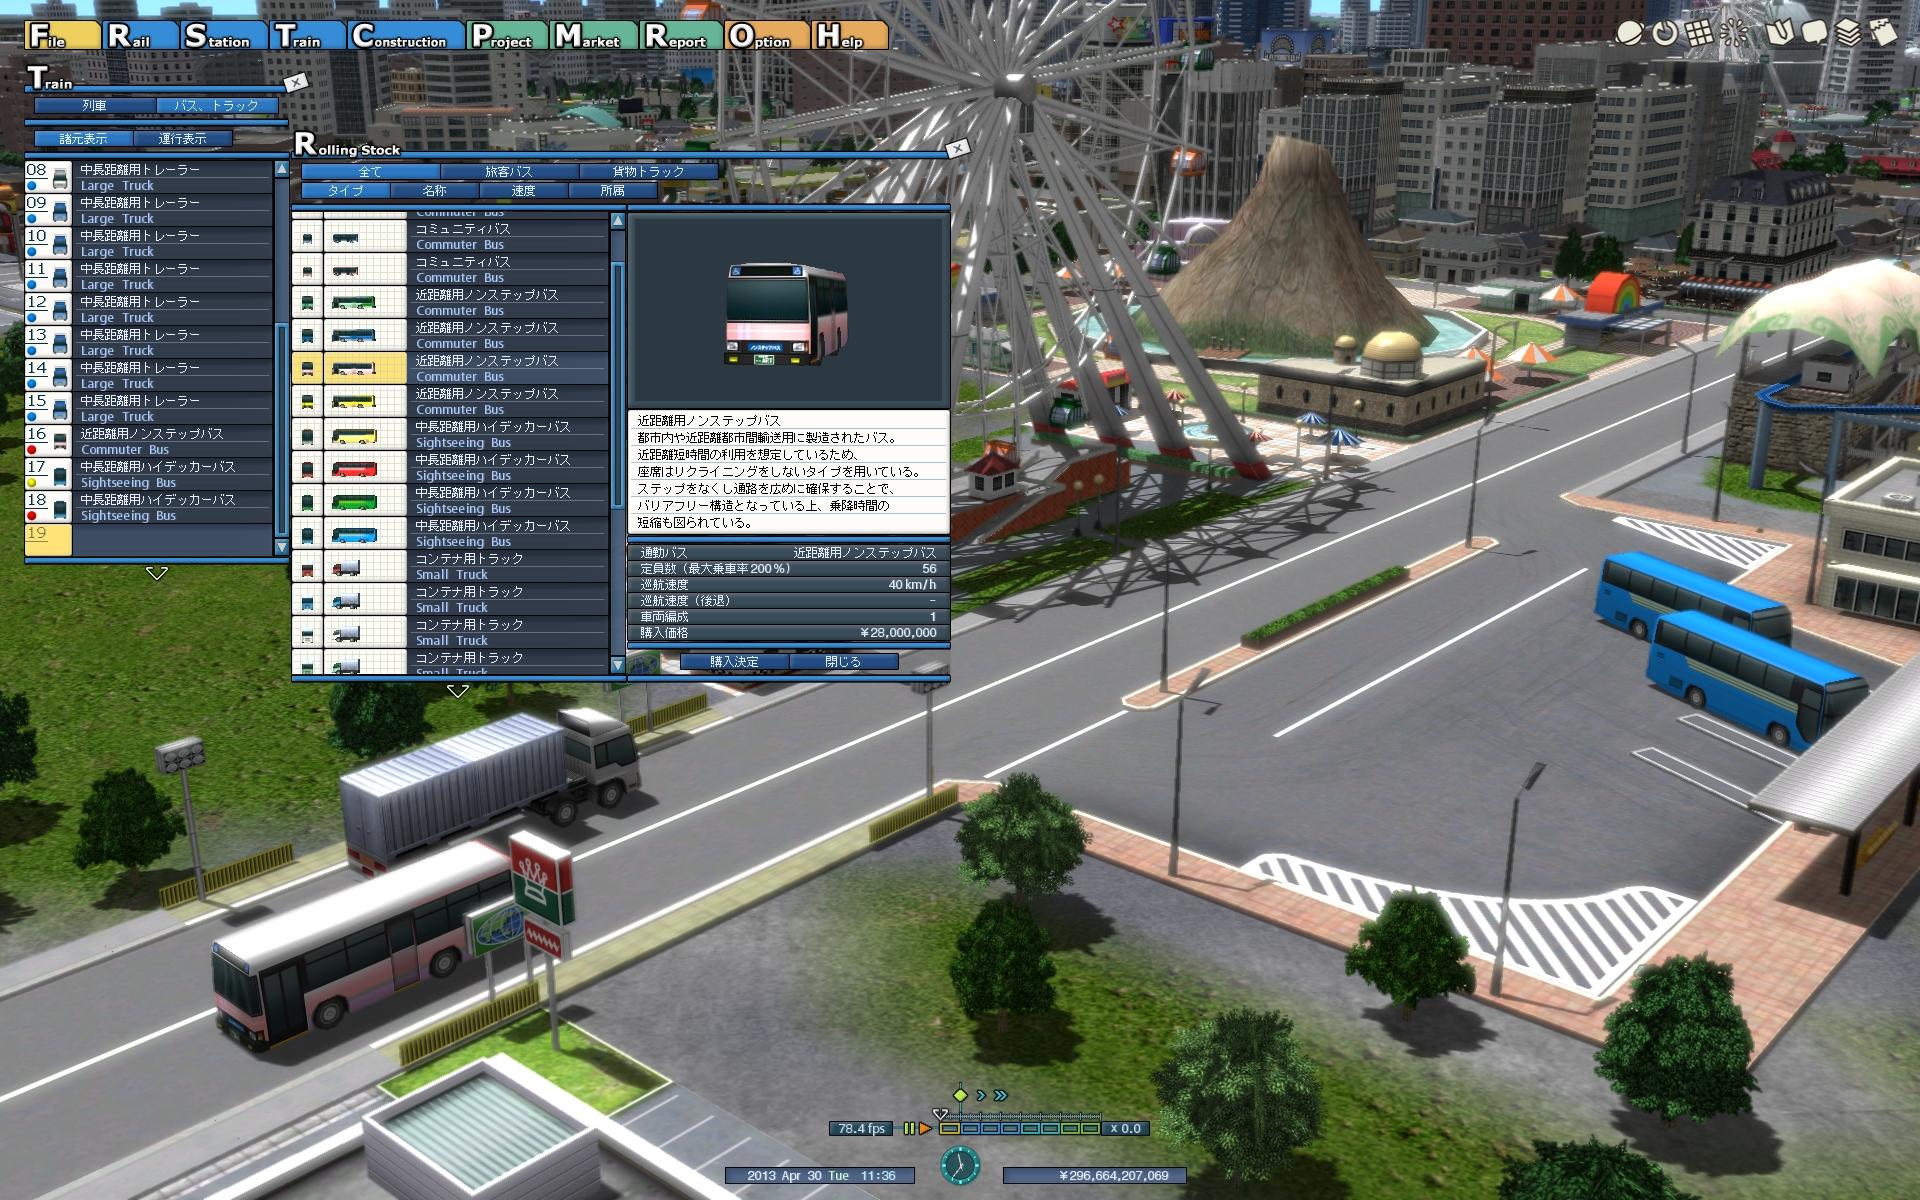 https://www.4gamer.net/games/101/G010184/20100311071/images/04-01.jpg